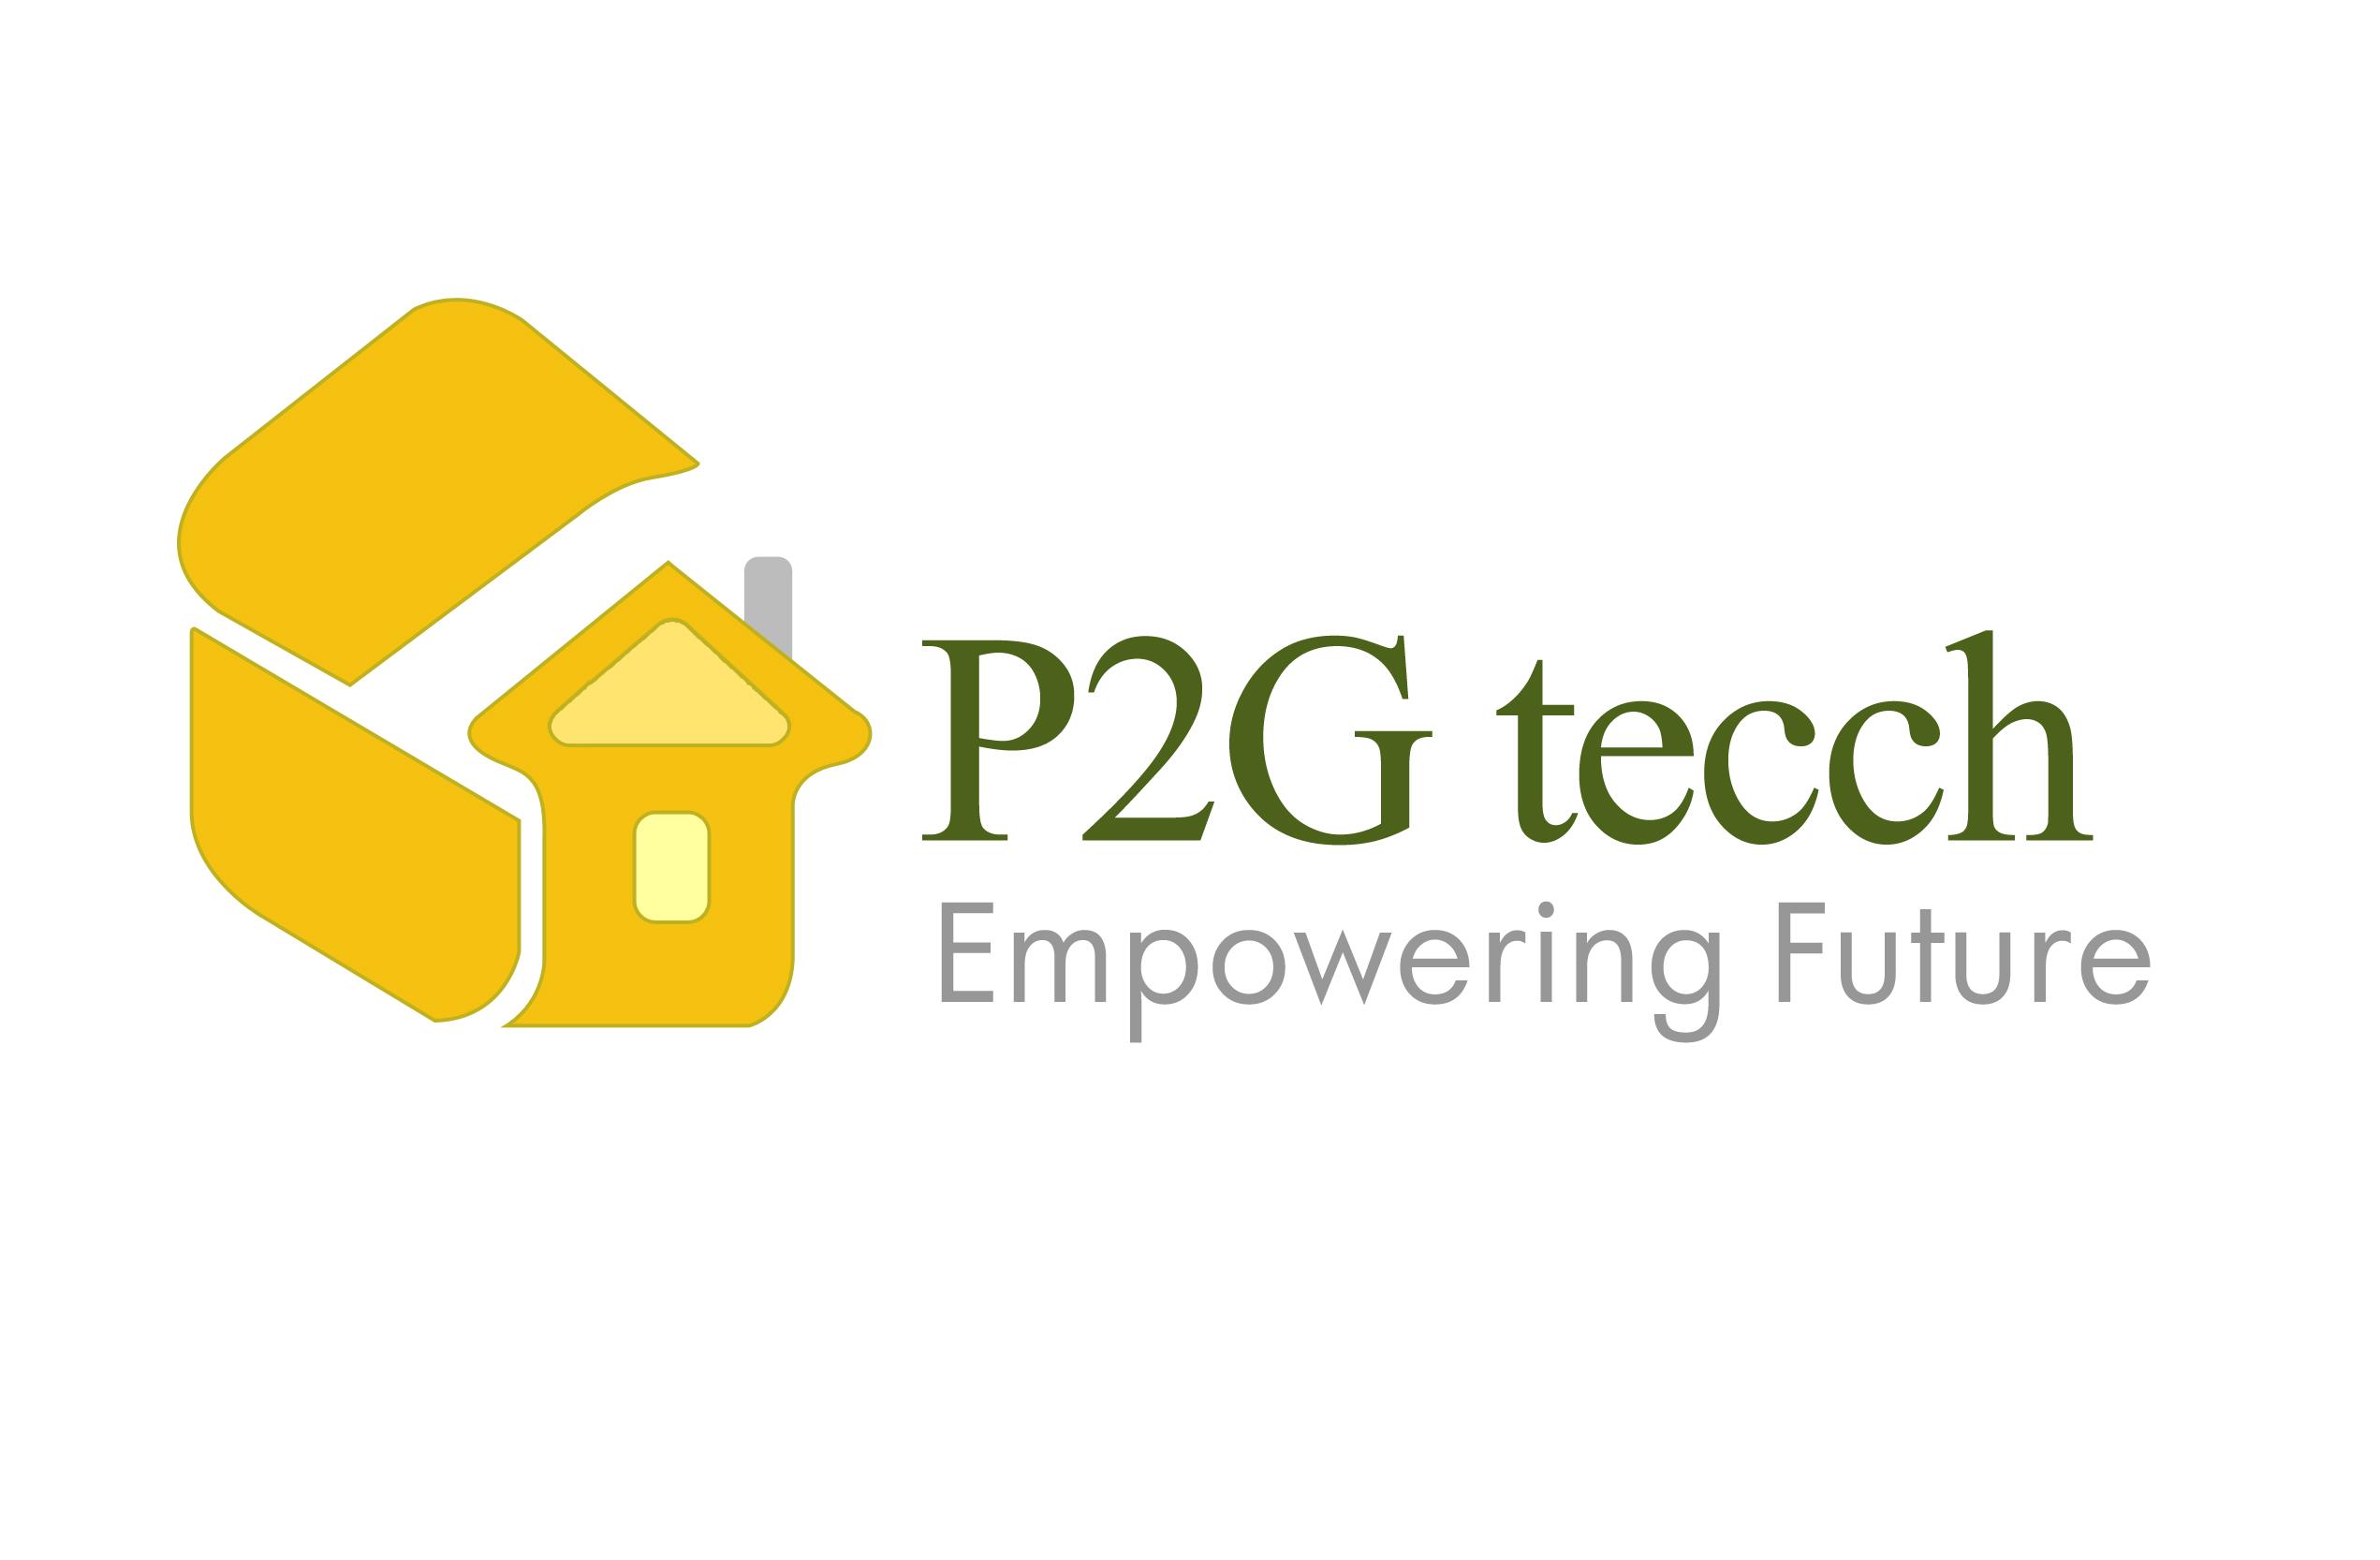 P2G tecch